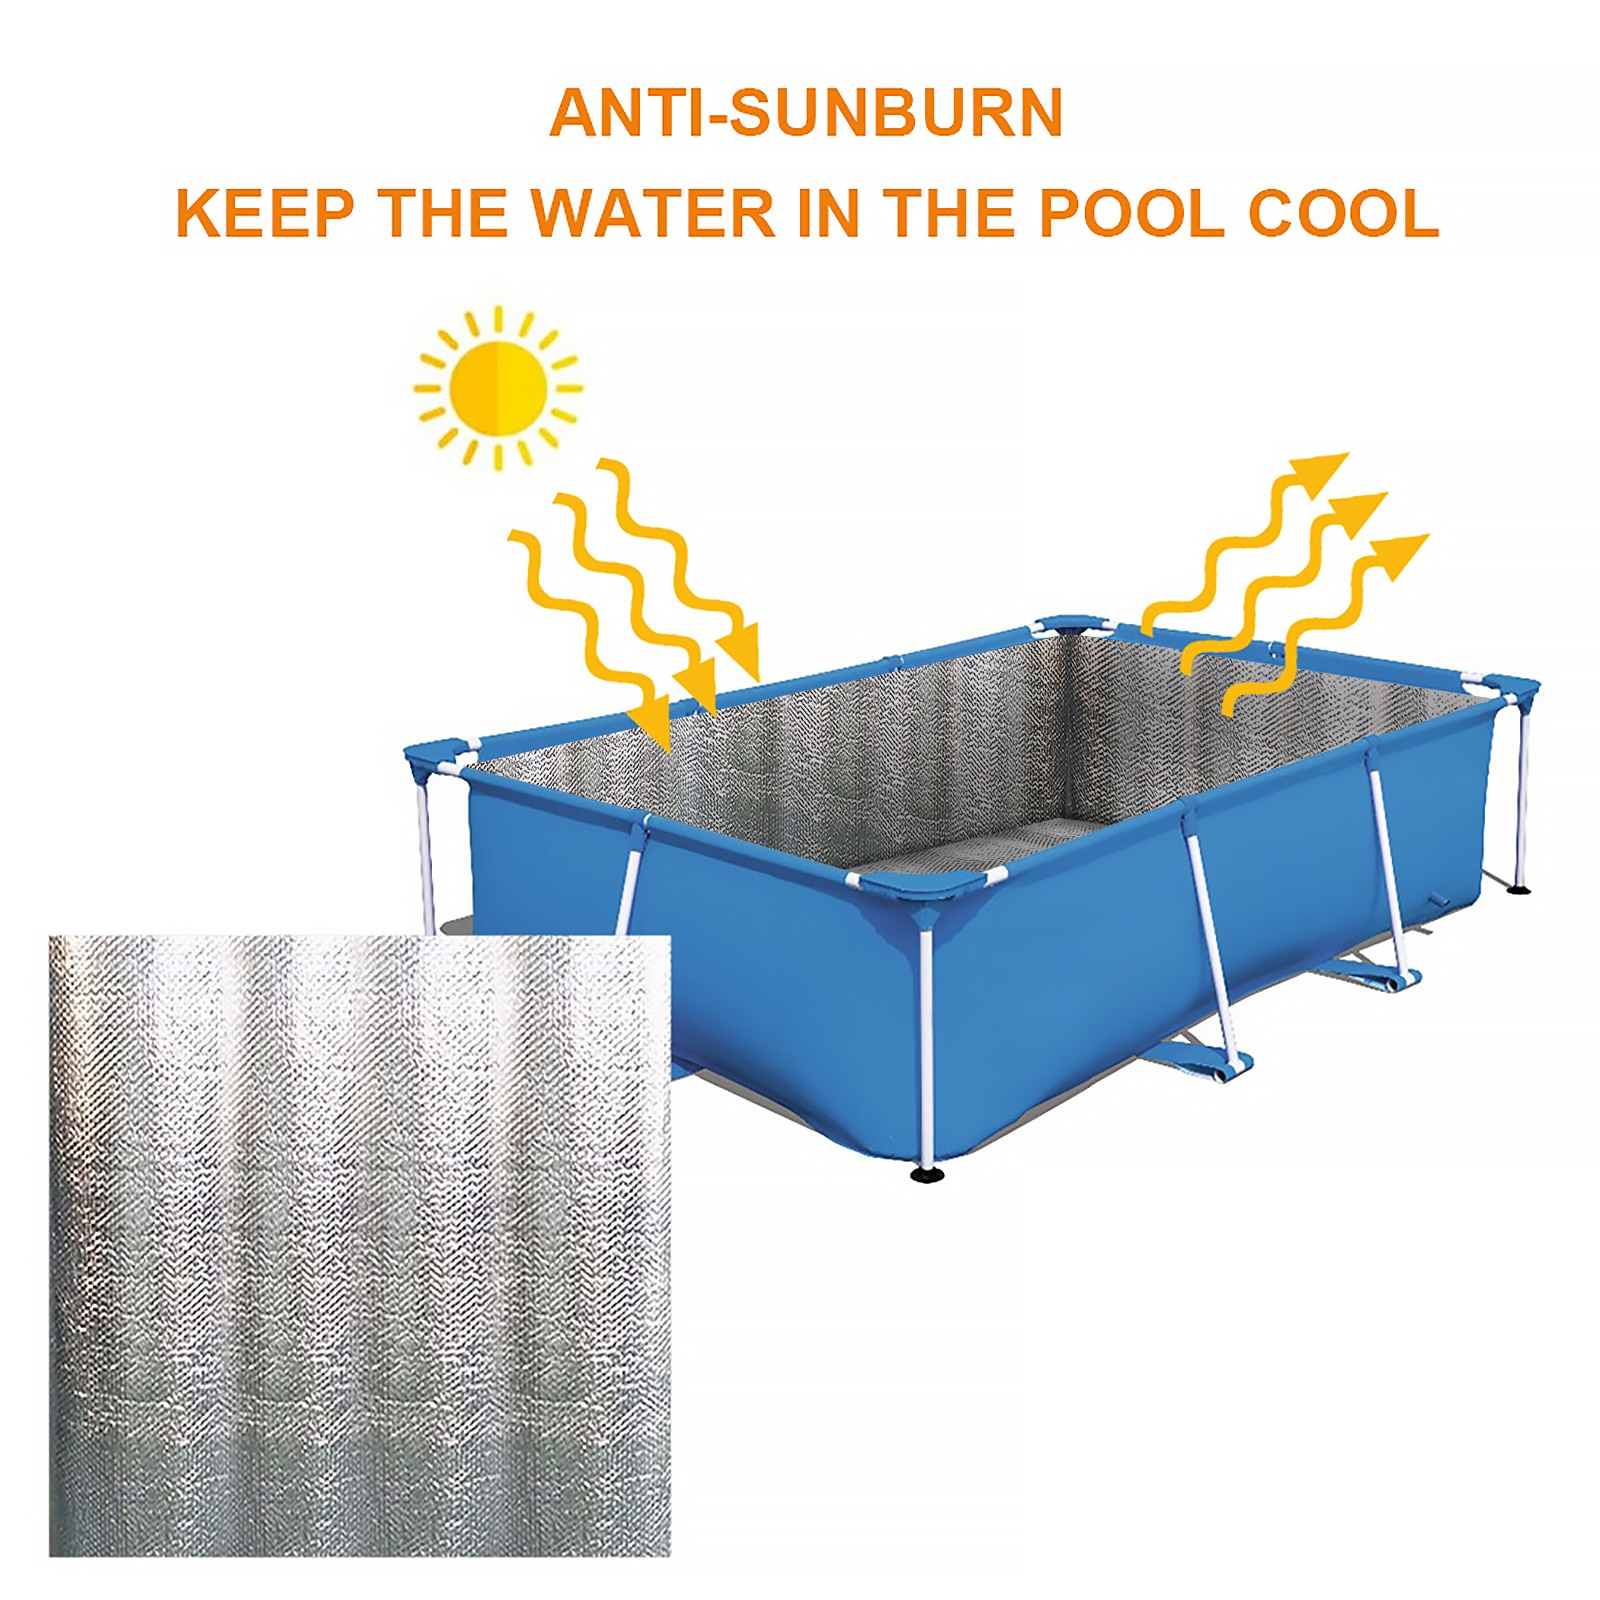 Защитный чехол для бассейна, изоляционная пленка для бассейна с УФ-защитой, пылезащитный чехол для бассейна